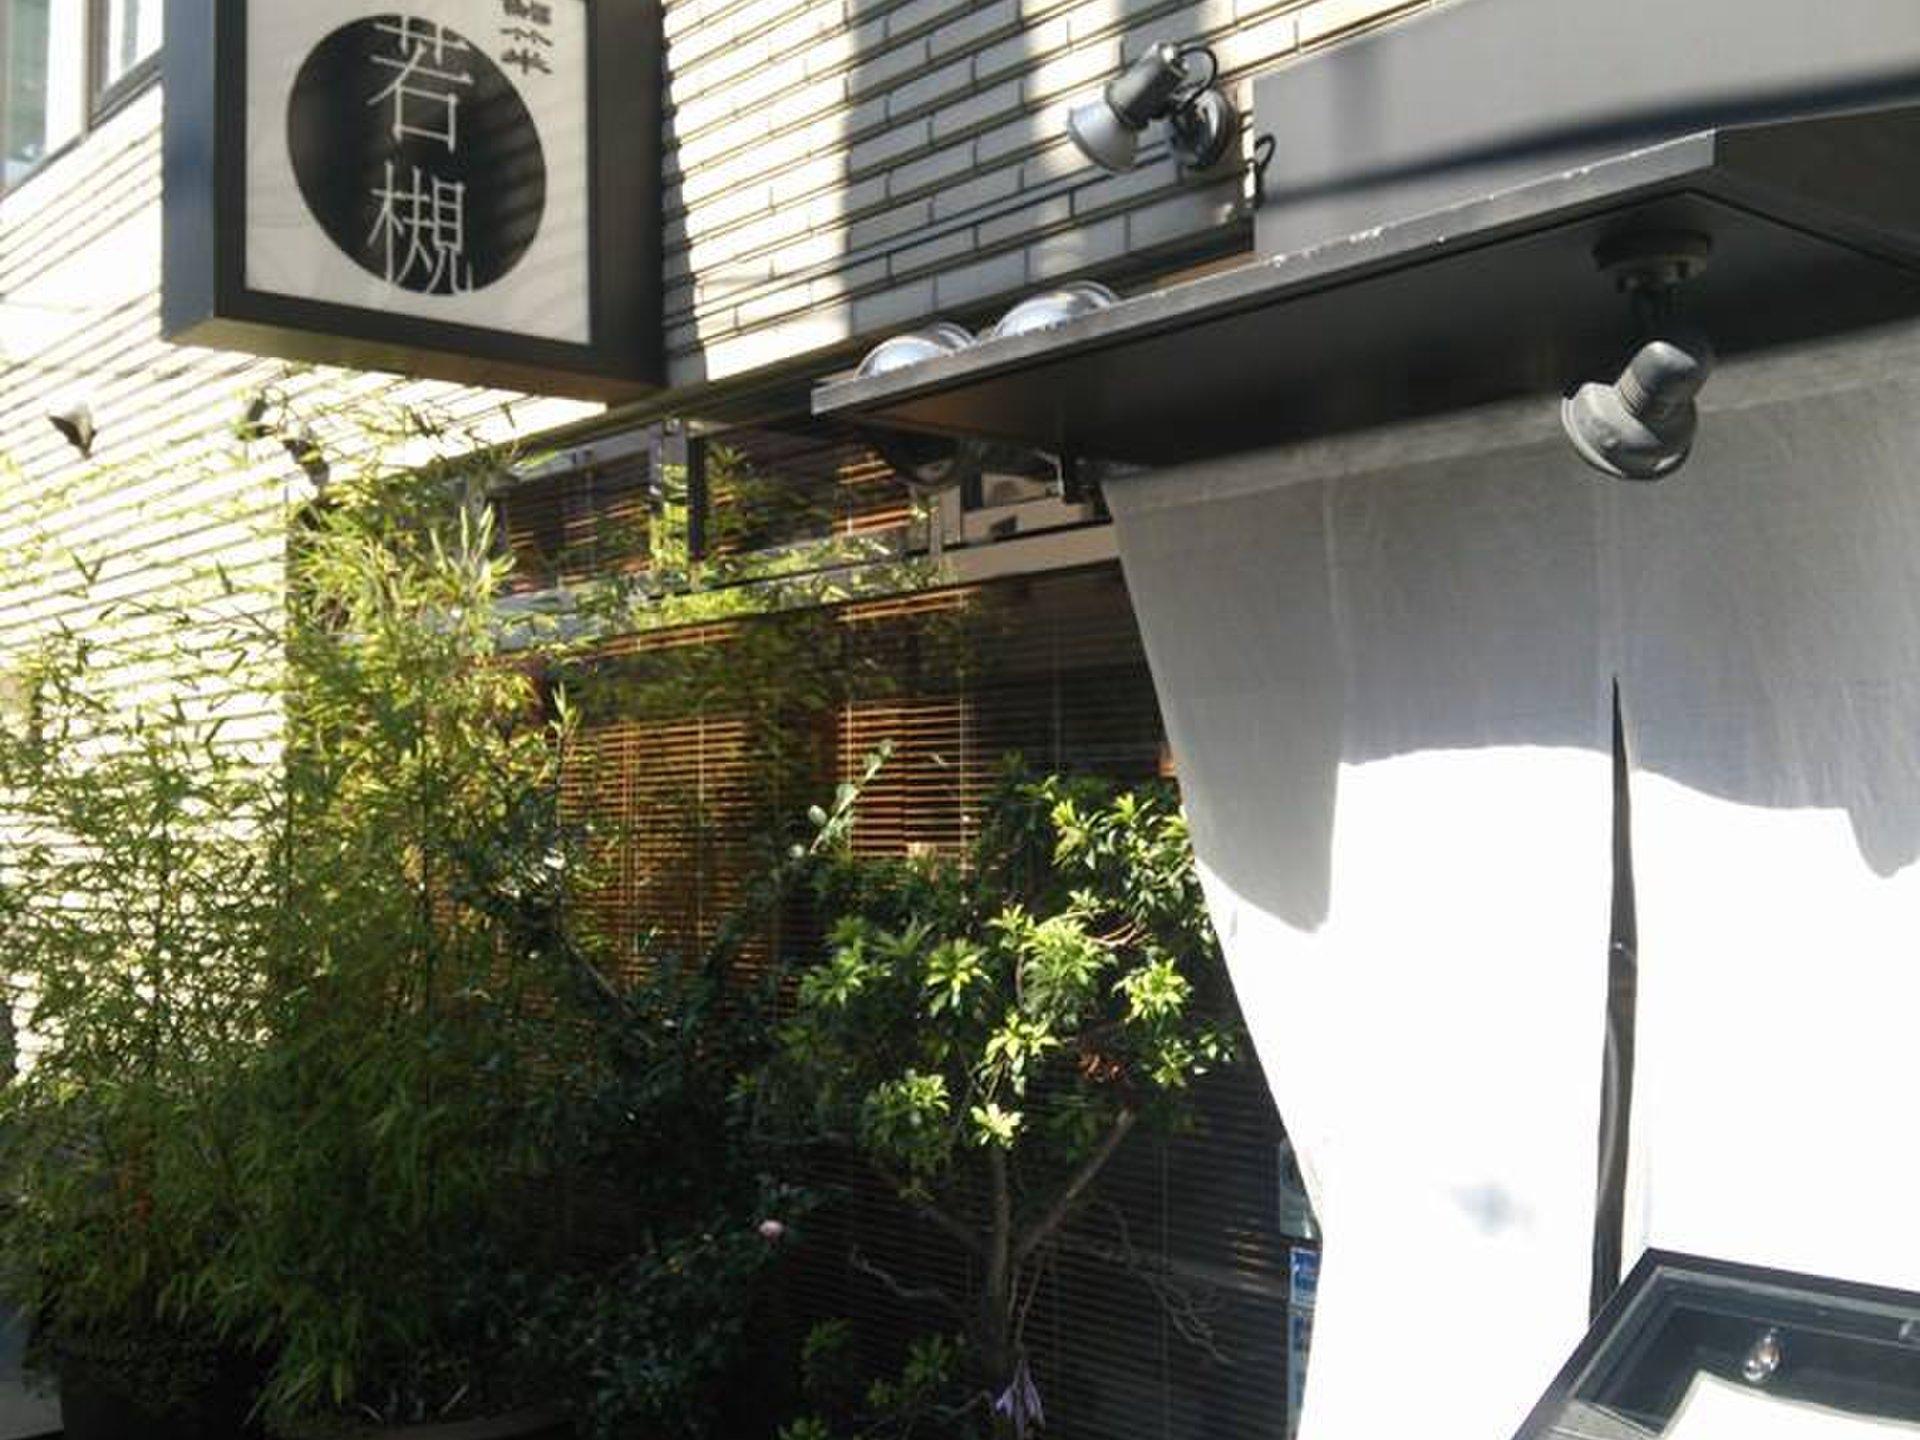 恵比寿・代官山でランチ!高級板前寿司が1000円で食べられる?早大美食サークル幹事長おすすめの寿司屋